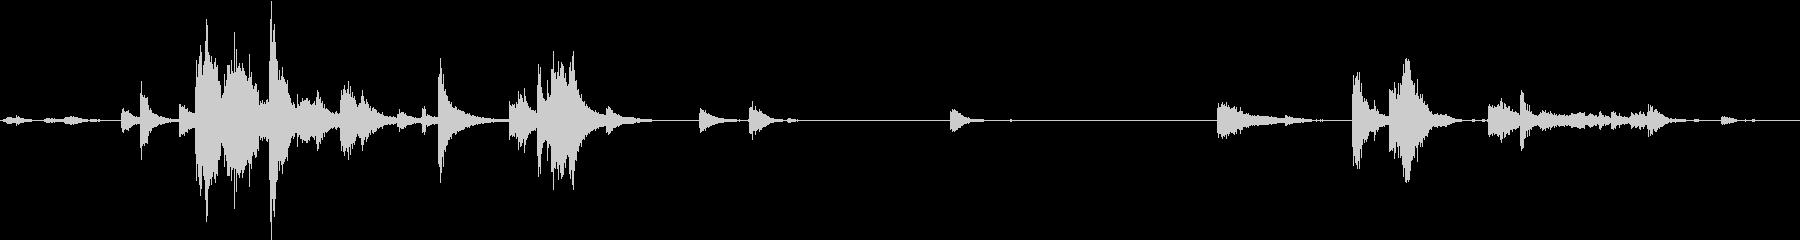 【生録音】装備品の音 金属 武器 15の未再生の波形